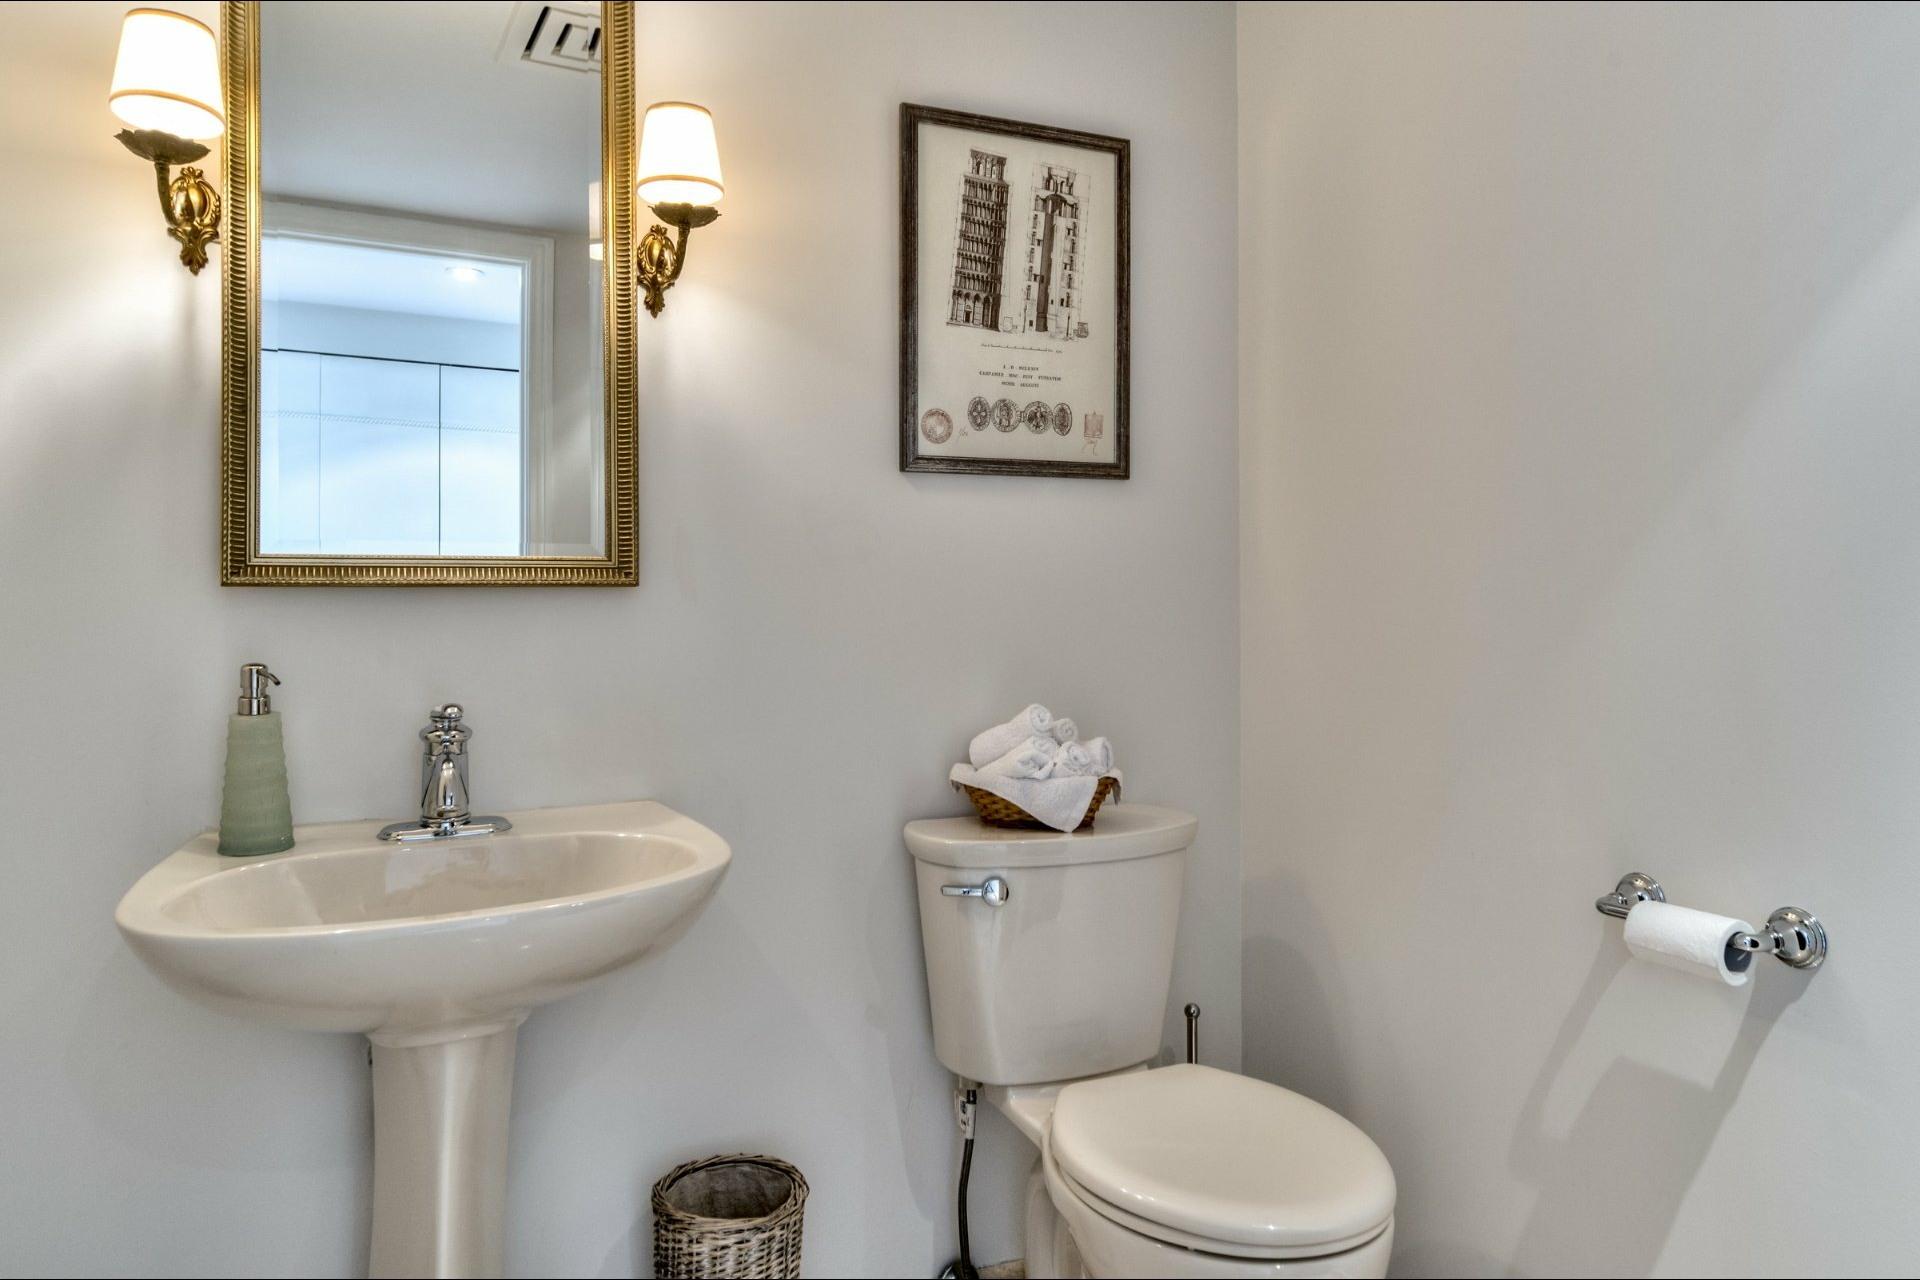 image 26 - Appartement À vendre Côte-des-Neiges/Notre-Dame-de-Grâce Montréal  - 12 pièces